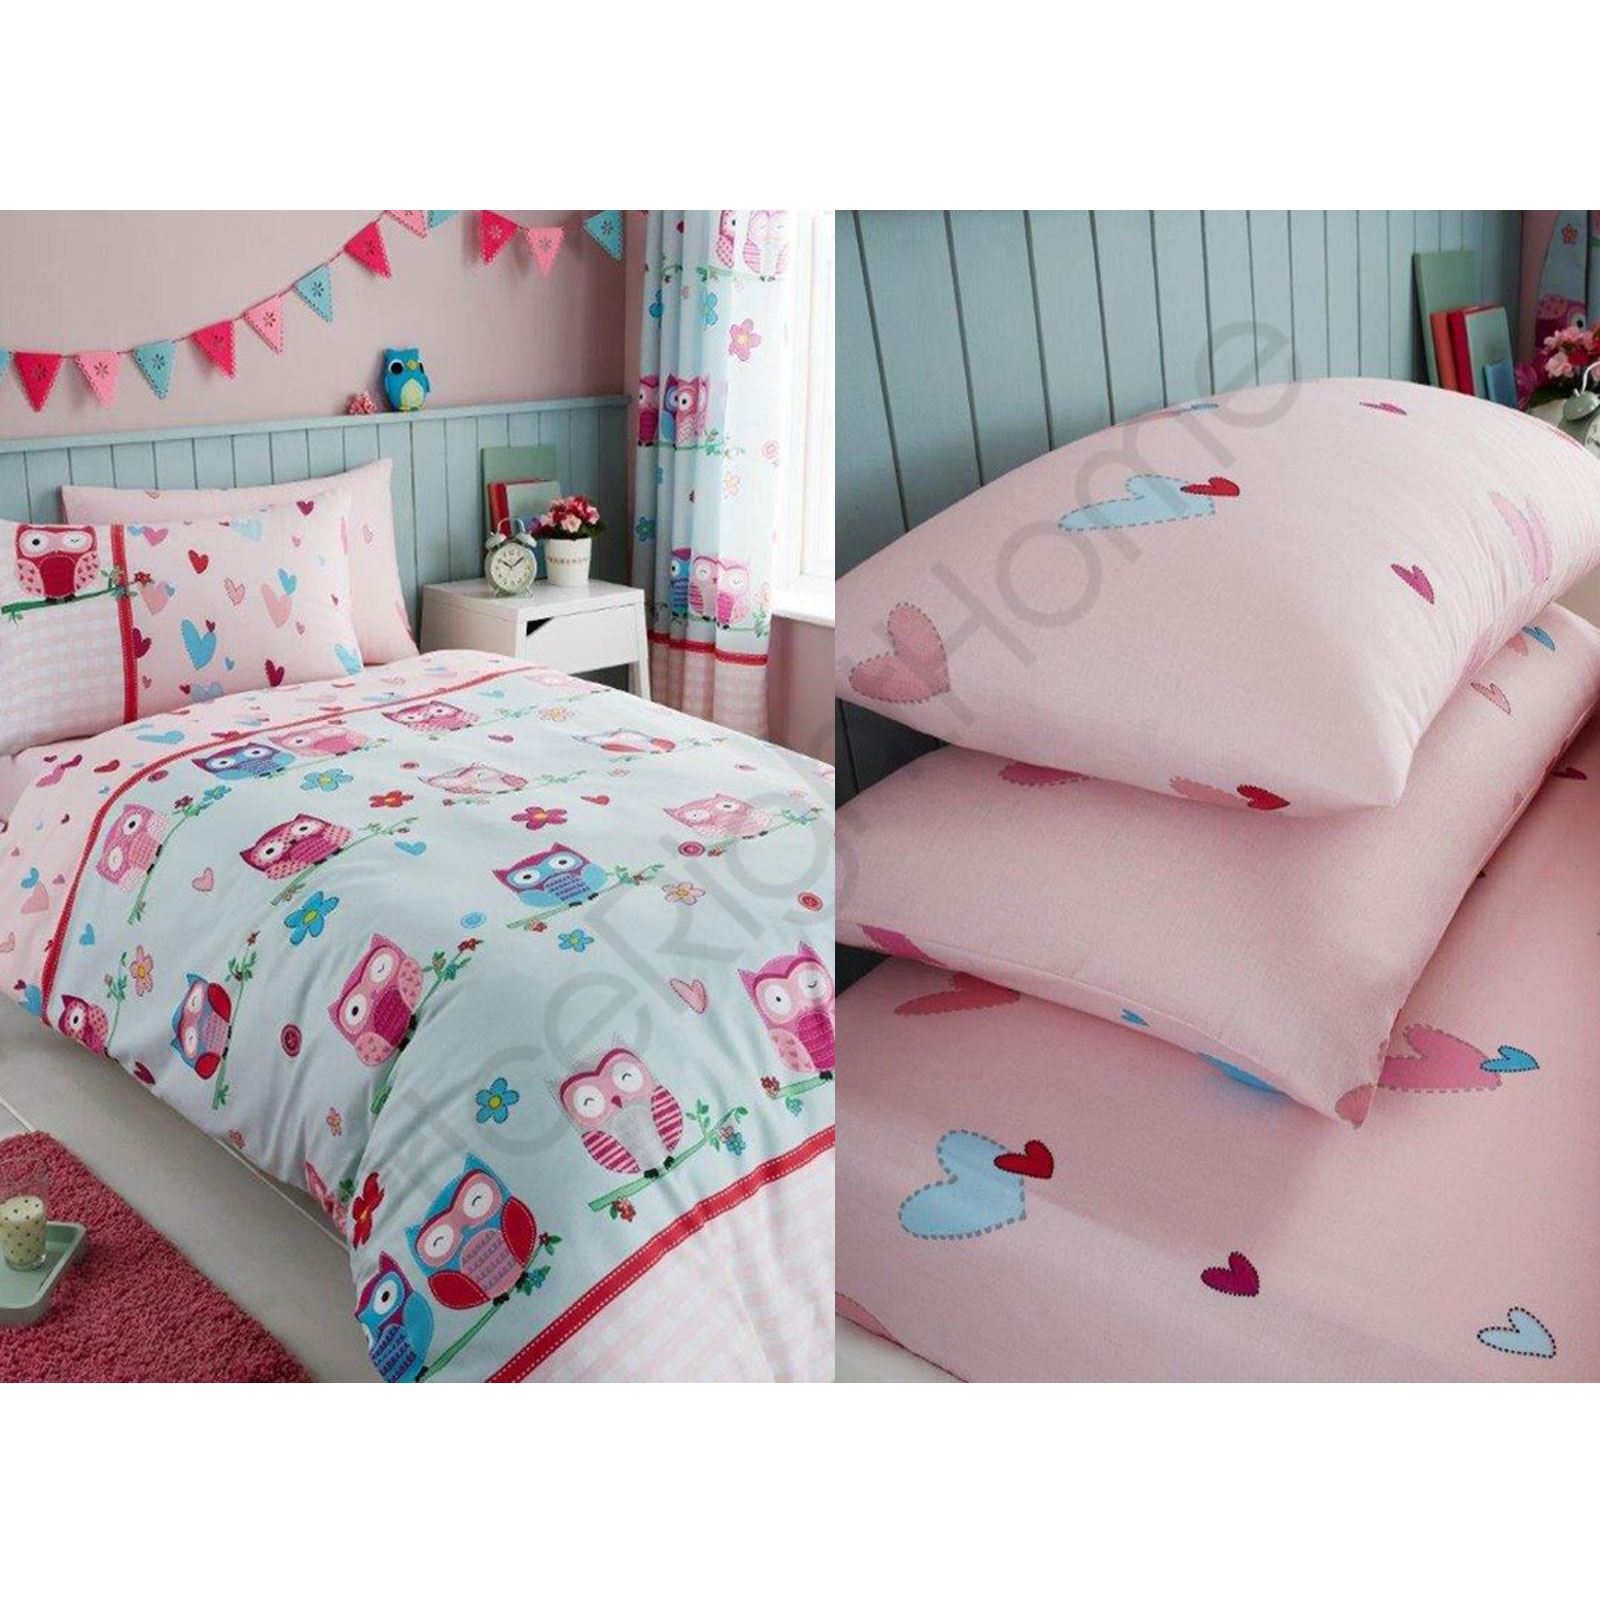 Bettwasche Kinder Madchen Bettwasche Madchen 135200 Stock Rosa